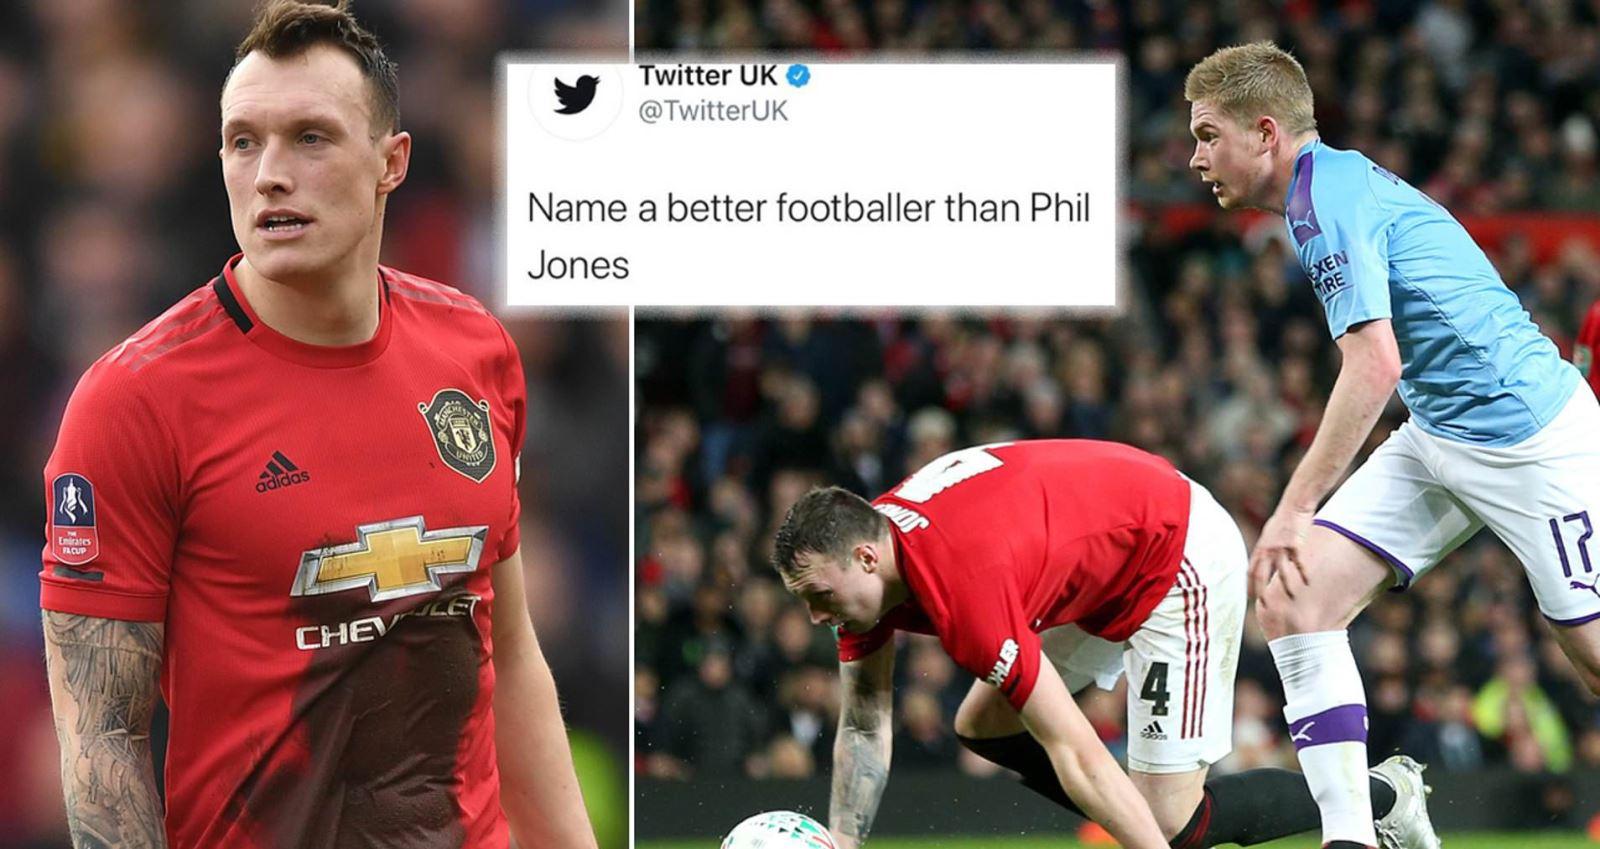 MU, manchester united, bóng đá, bong da hom nay, Phil Jones, lịch thi đấu, twitter